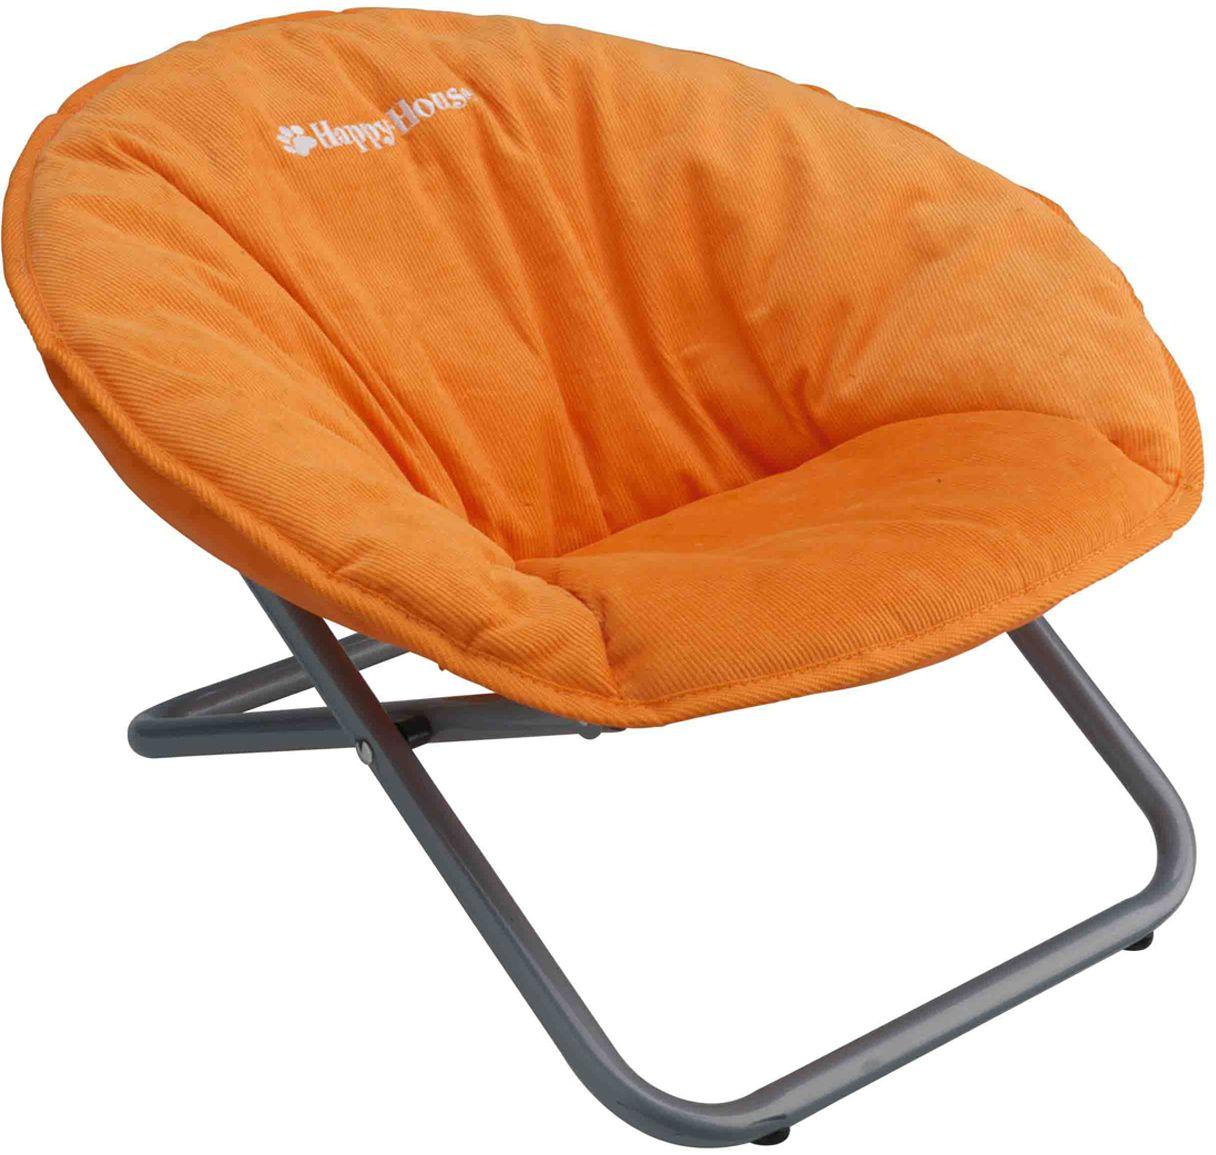 Стул для животных Happy House New Classic, цвет: оранжевый, 55 х 51 х 36 см teak house стул buton